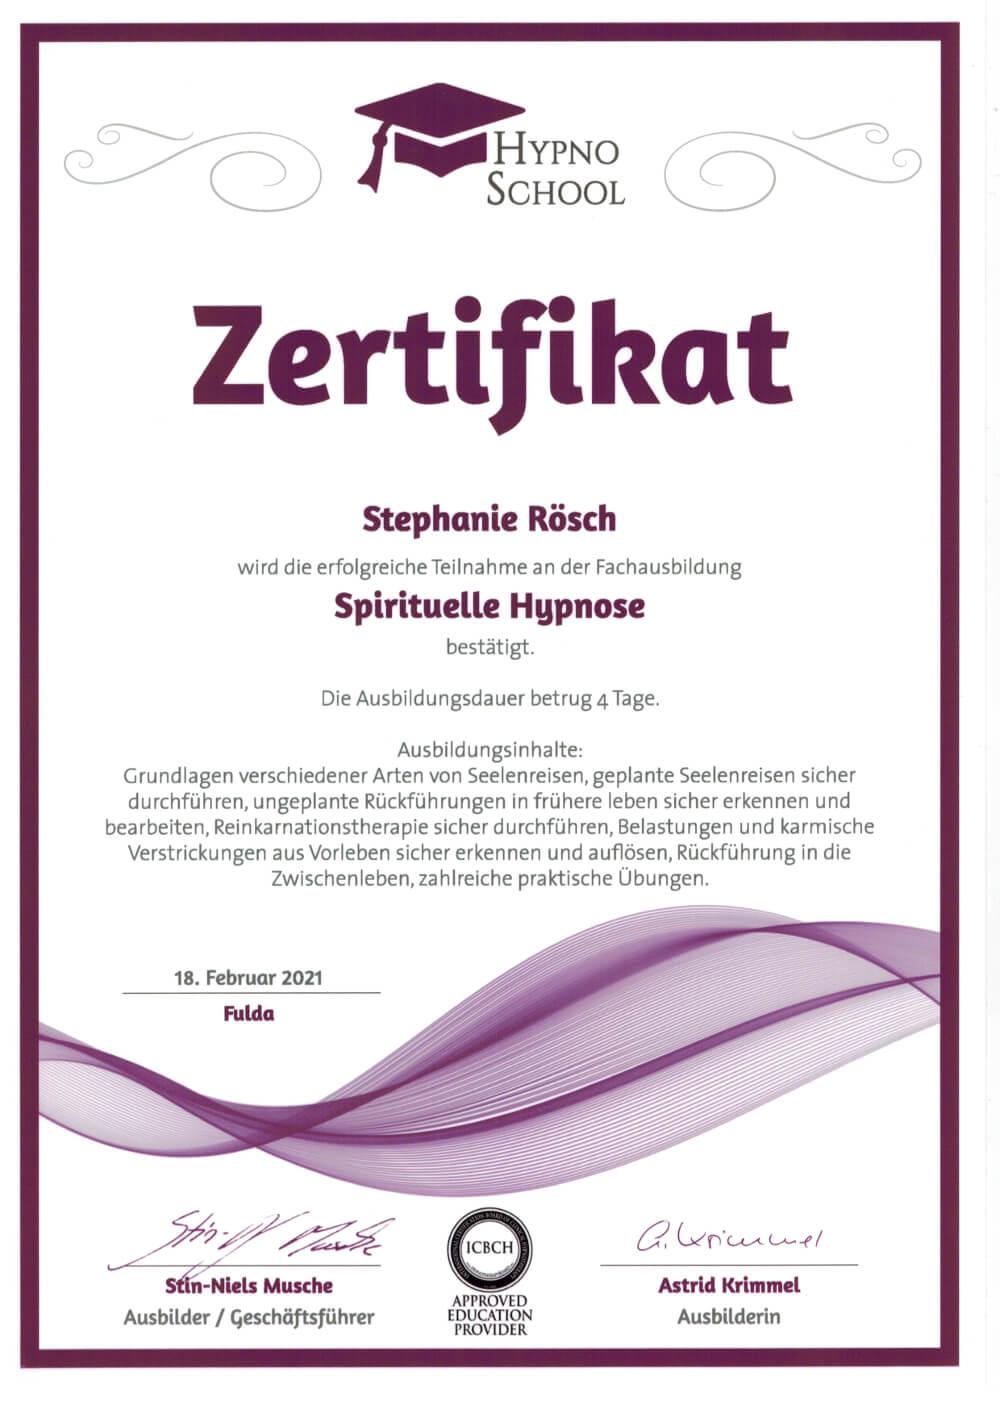 spritiuelle hypnose zertifikat stephanie Rösch